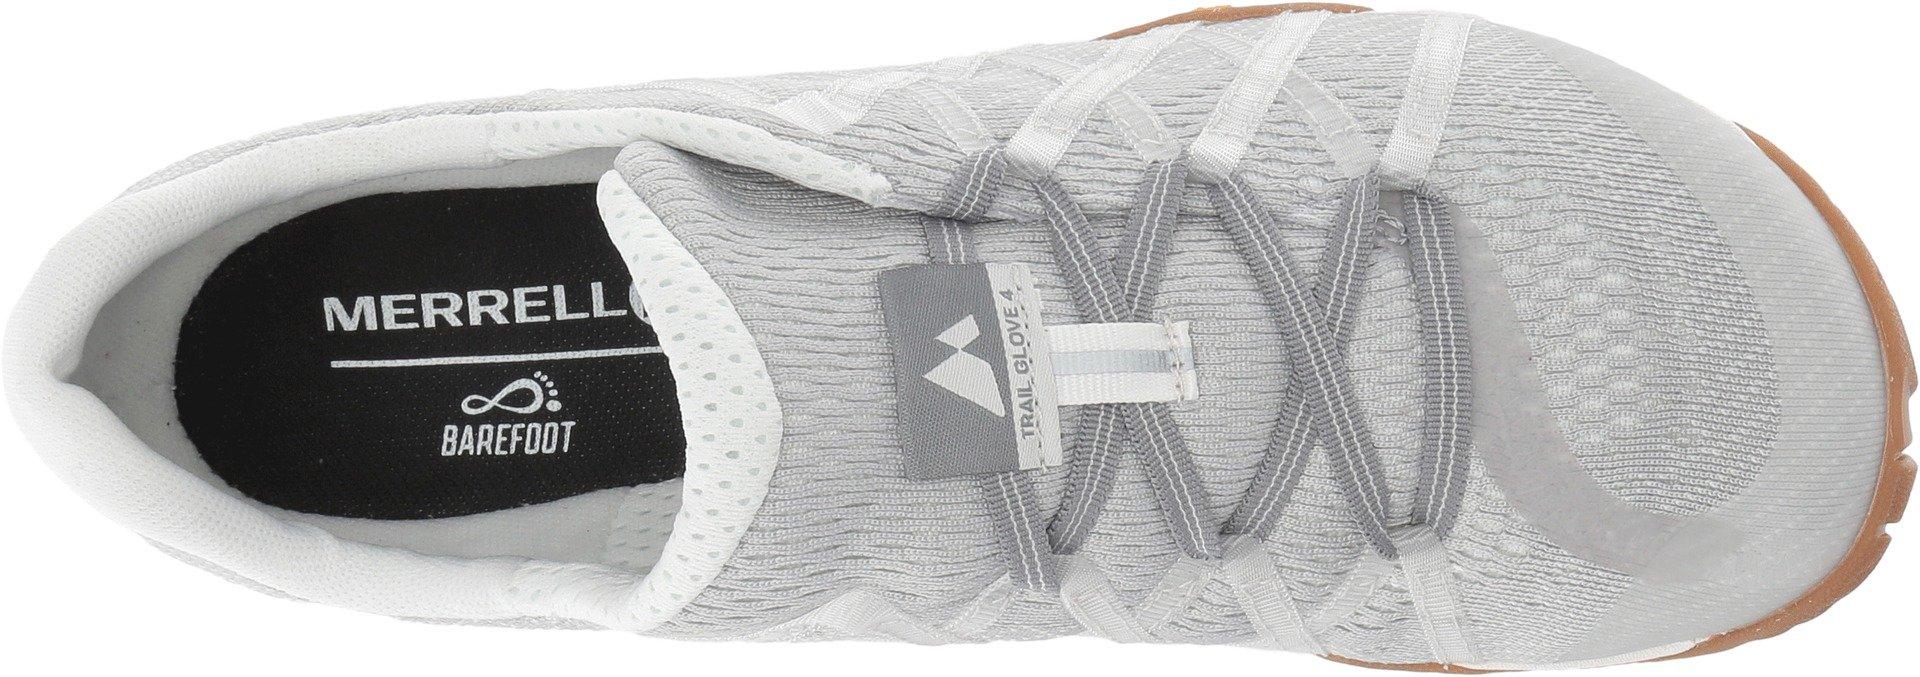 Merrell Women's Trail Glove 4 E-Mesh Vapor 6 M US by Merrell (Image #2)